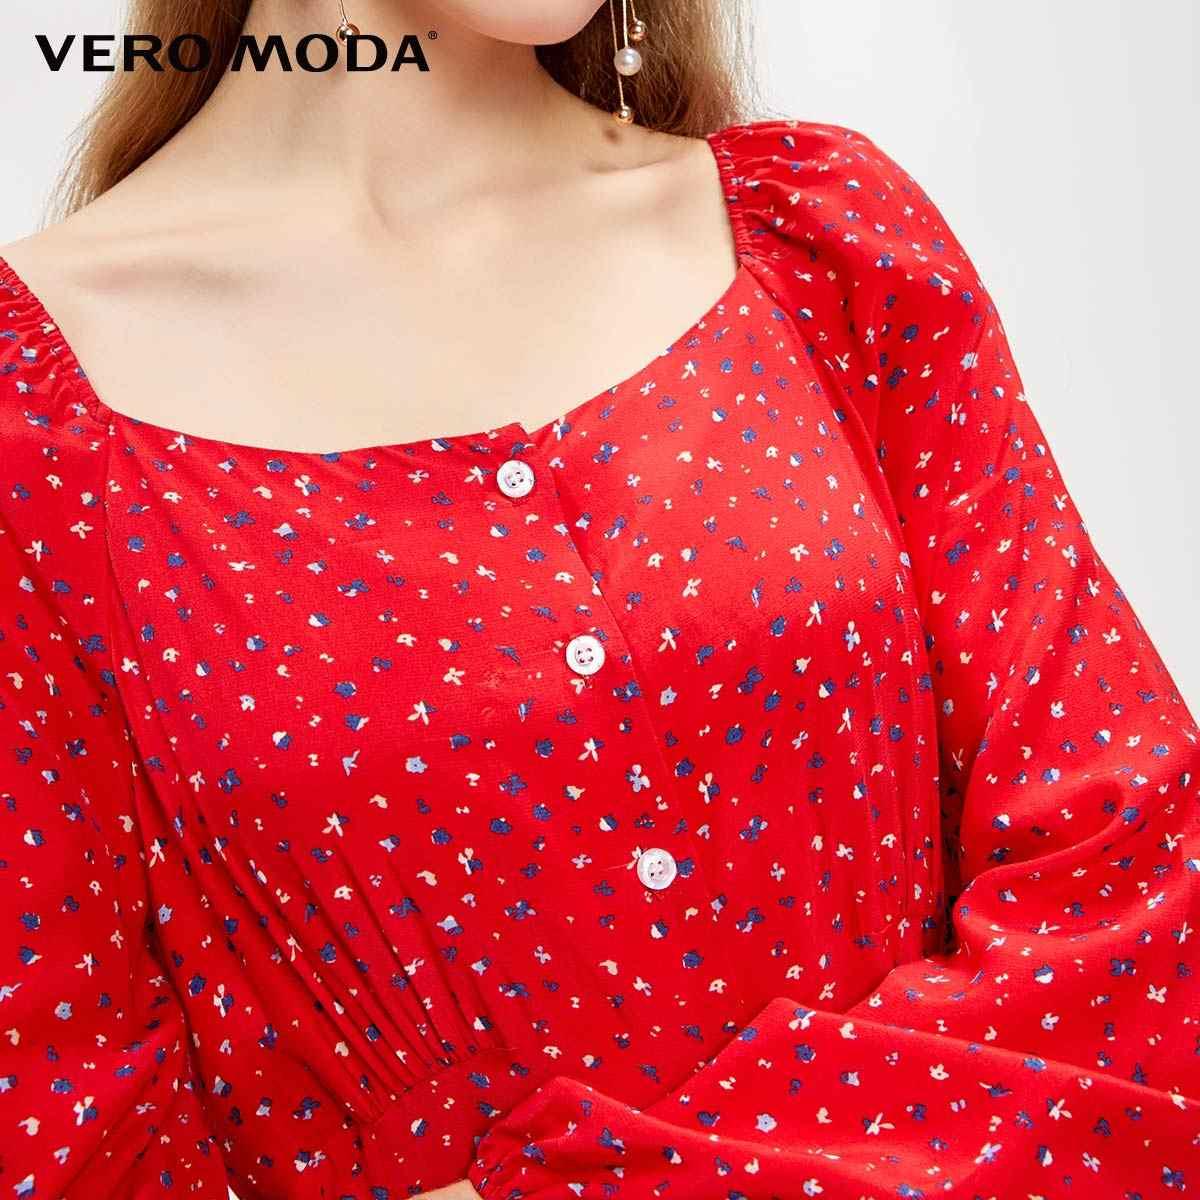 をベロmoda新しい花王室袖フレンチスタイル襟ドレス | 31937D517